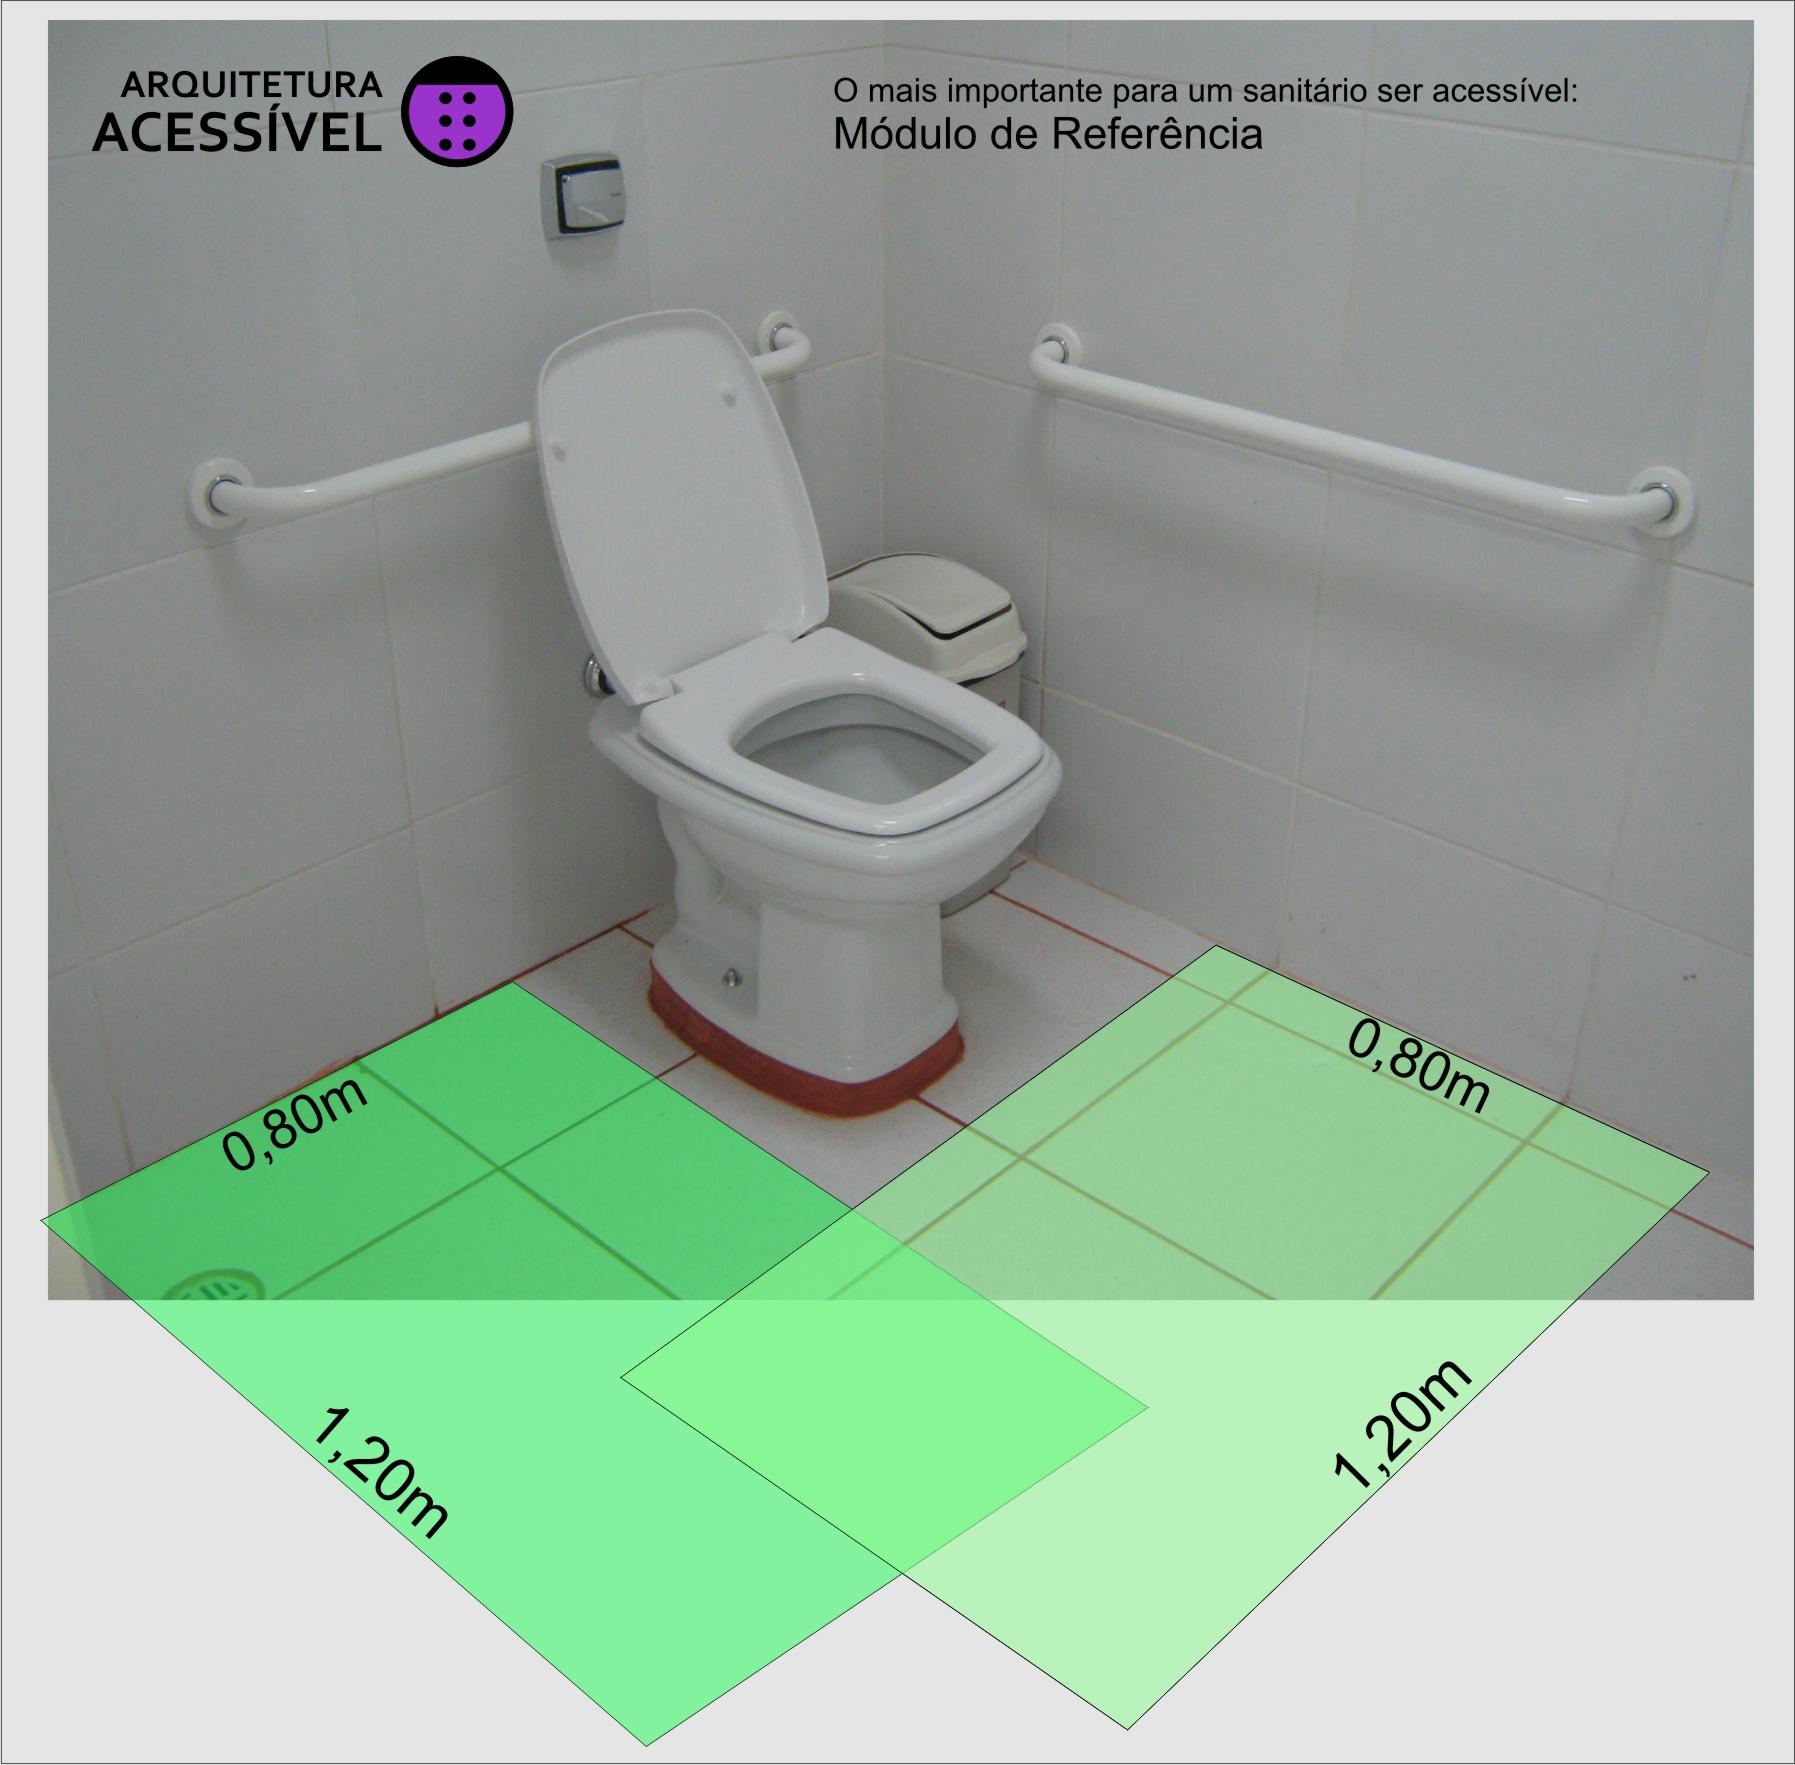 Adaptação de Sanitário Arquitetura Acessível #7B28A3 1795x1765 Banheiro Acessivel Tamanho